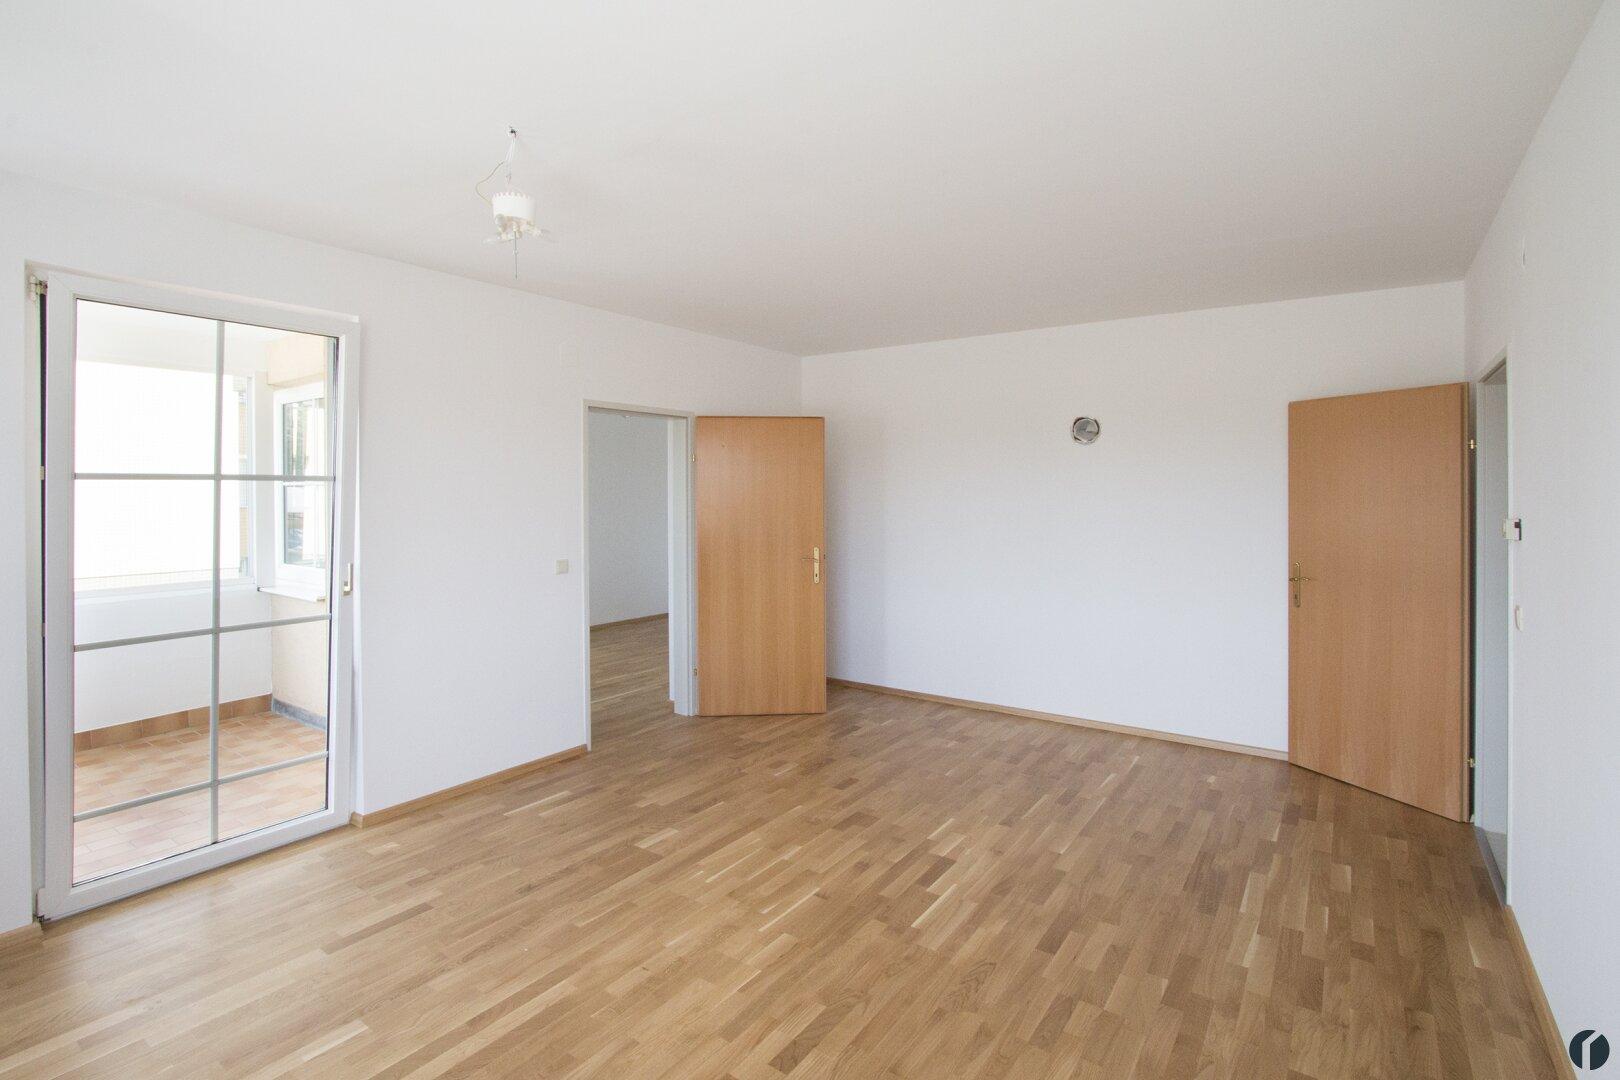 Wohnzimmer mit Kaminanschluss